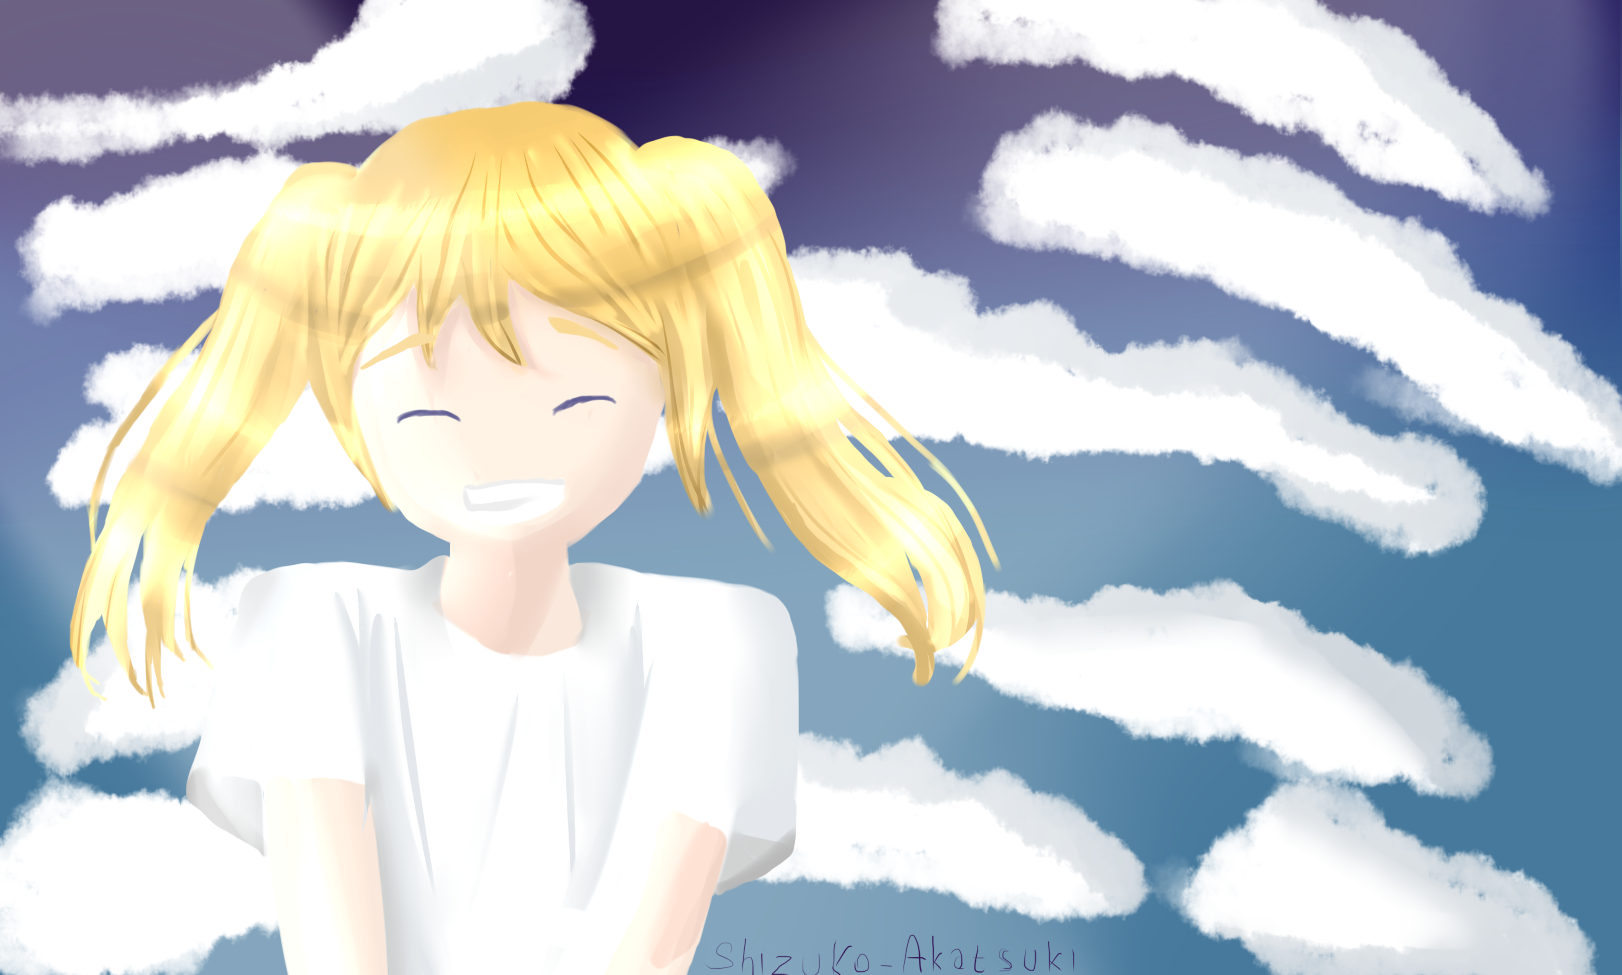 Sunshine by Shizuko-Akatsuki